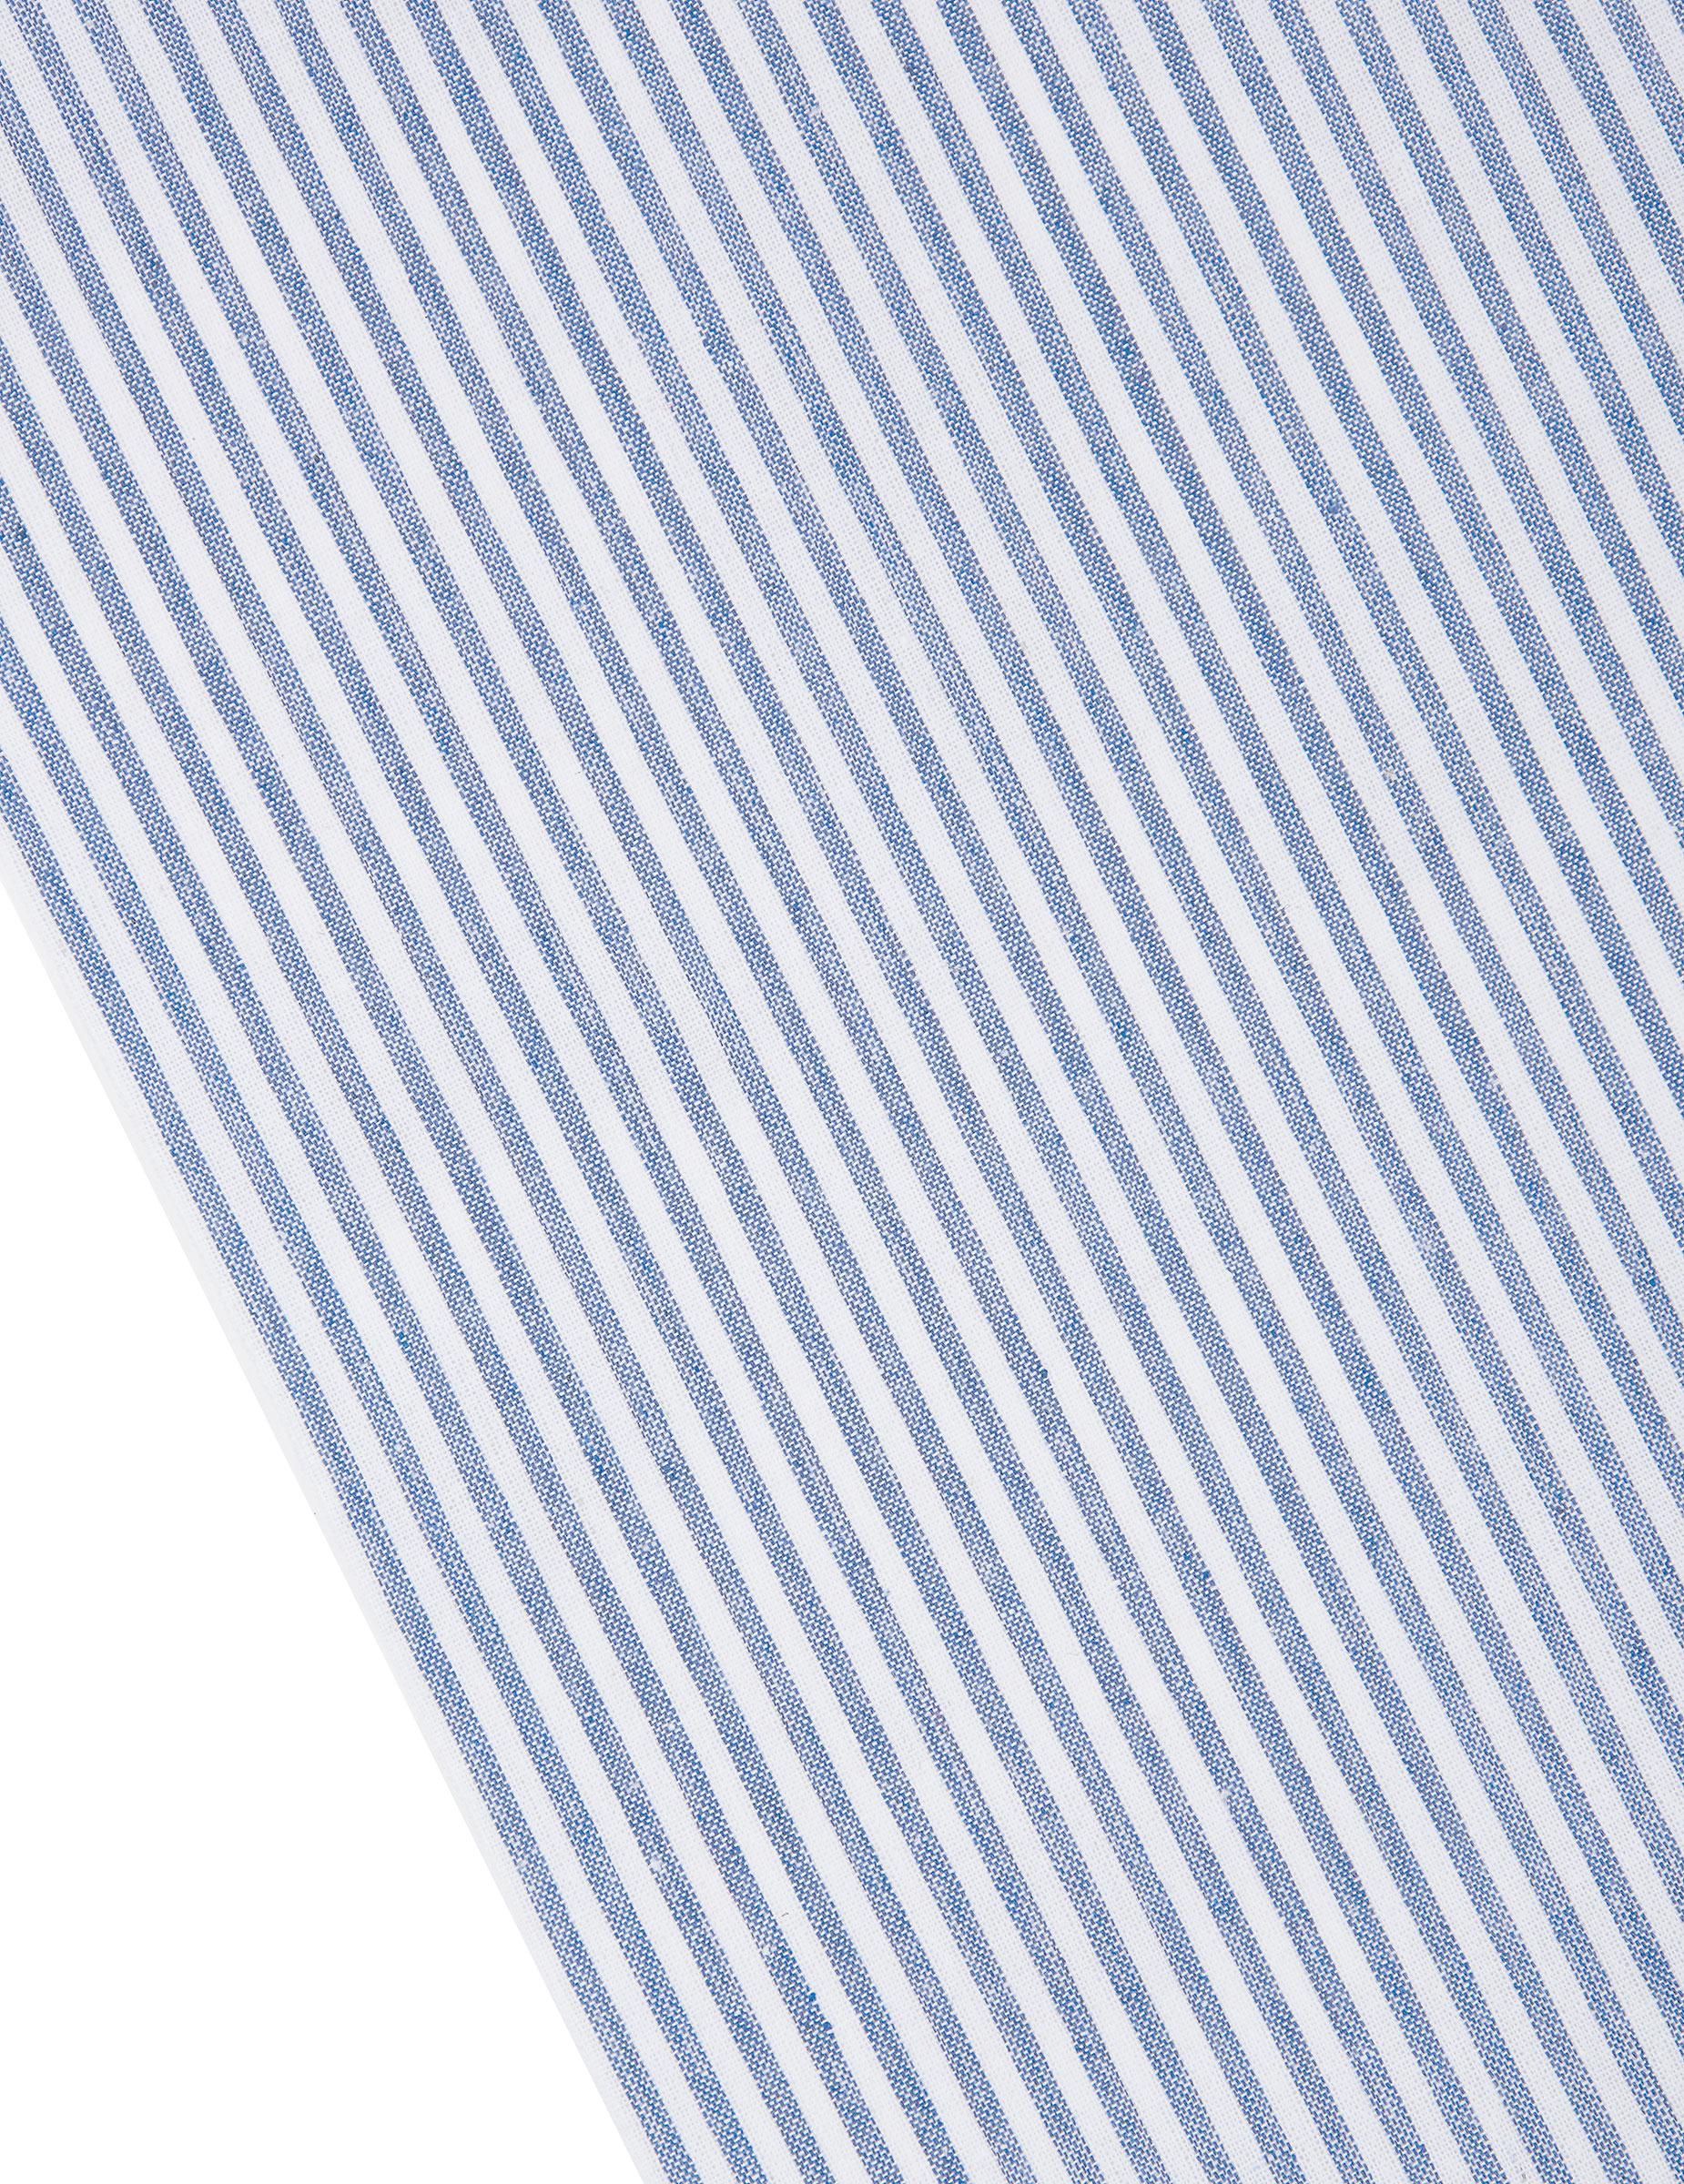 Chemin De Table Rayé Bleu Marine Et Blanc, Décoration concernant Chemin De Table Bleu Clair